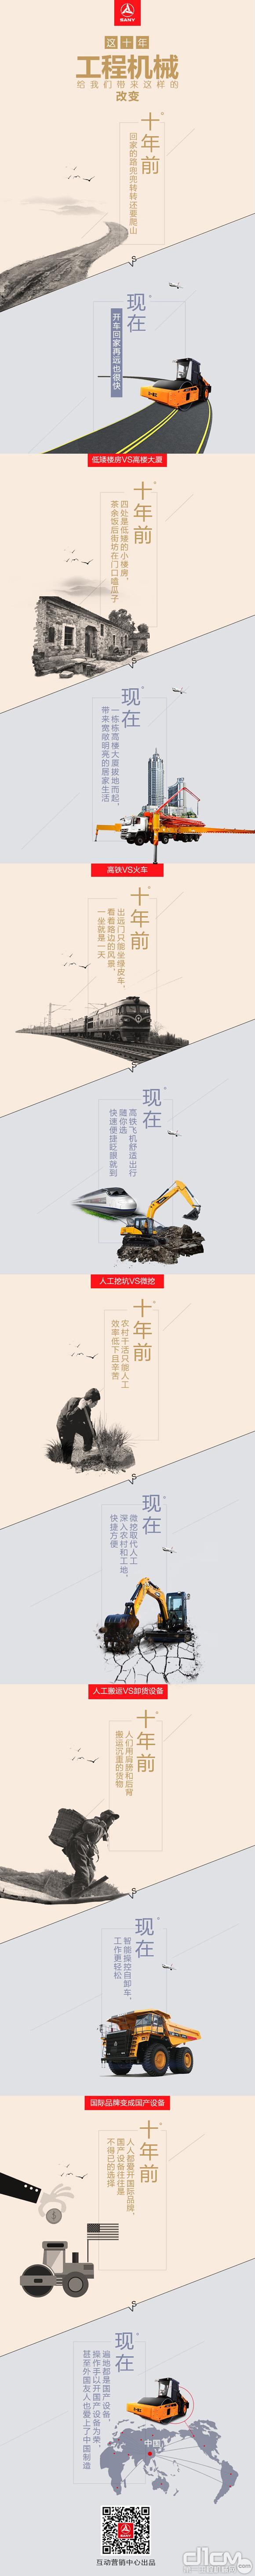 工程机械十年变迁,见证不凡